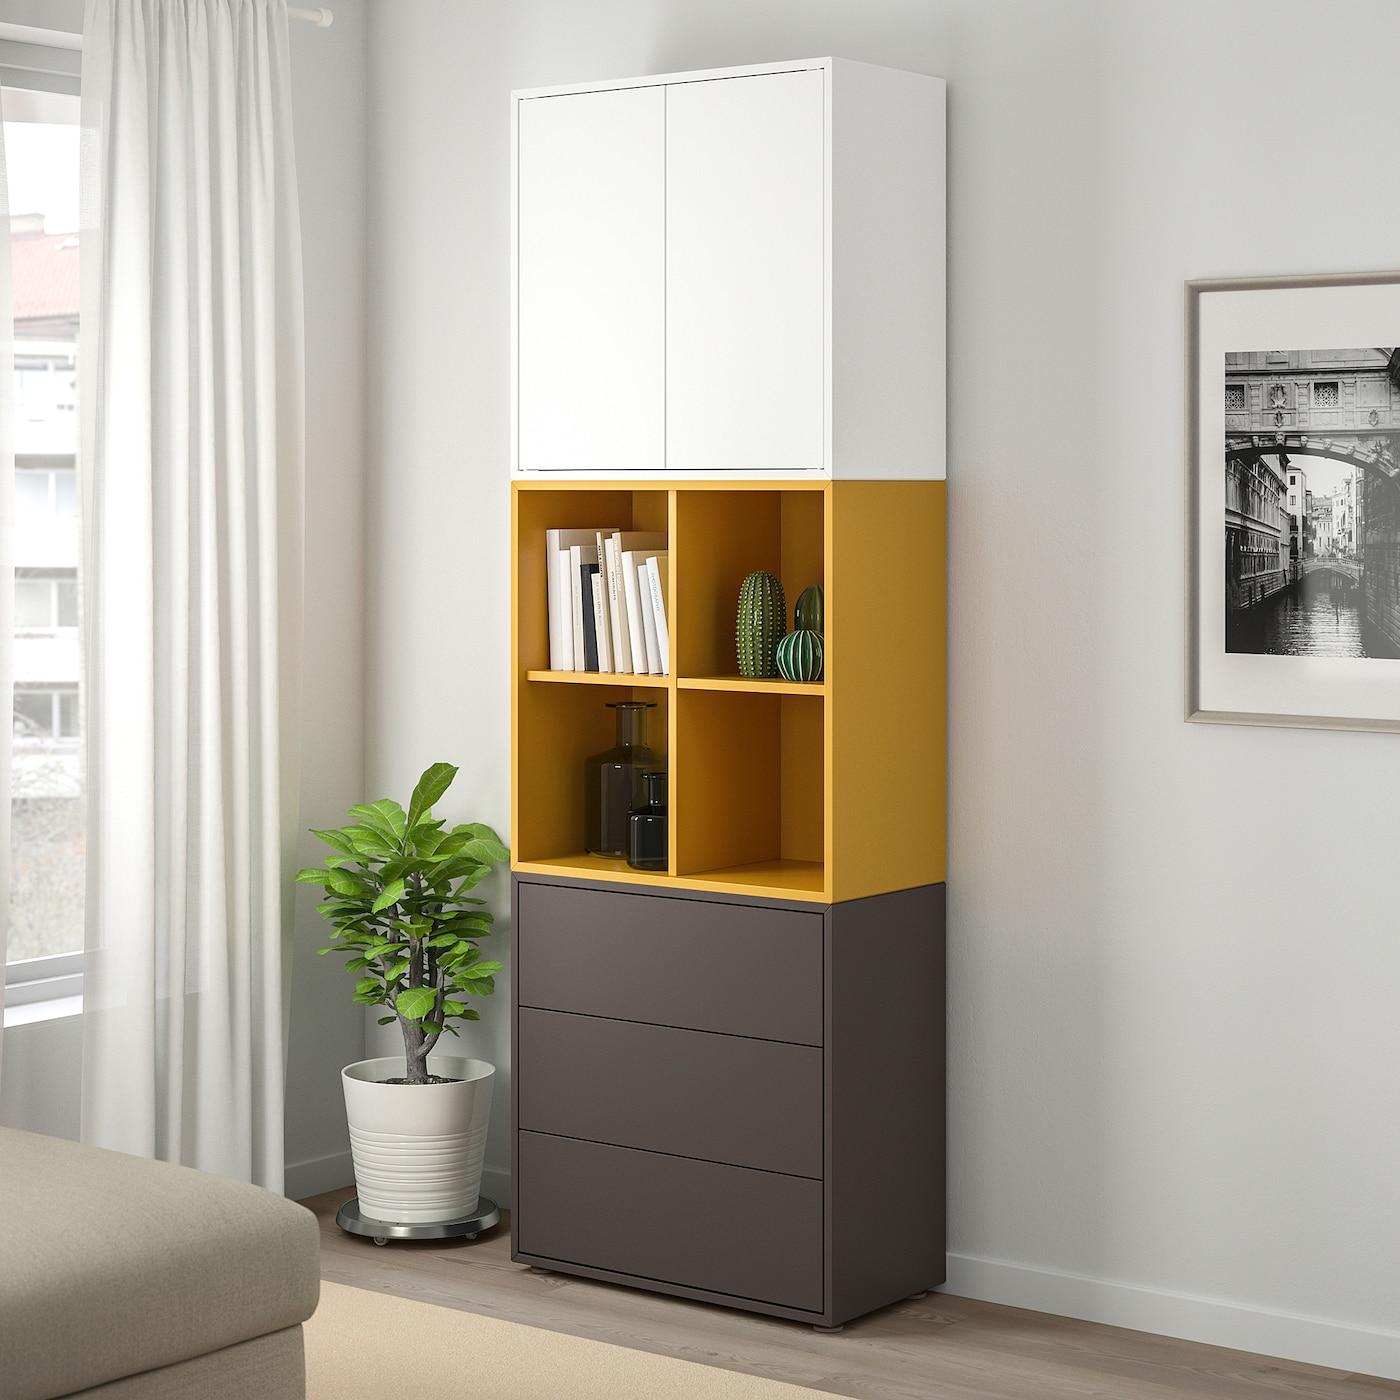 EKET Cabinet combination with feet, white/golden-brown dark grey, 70x35x212 cm